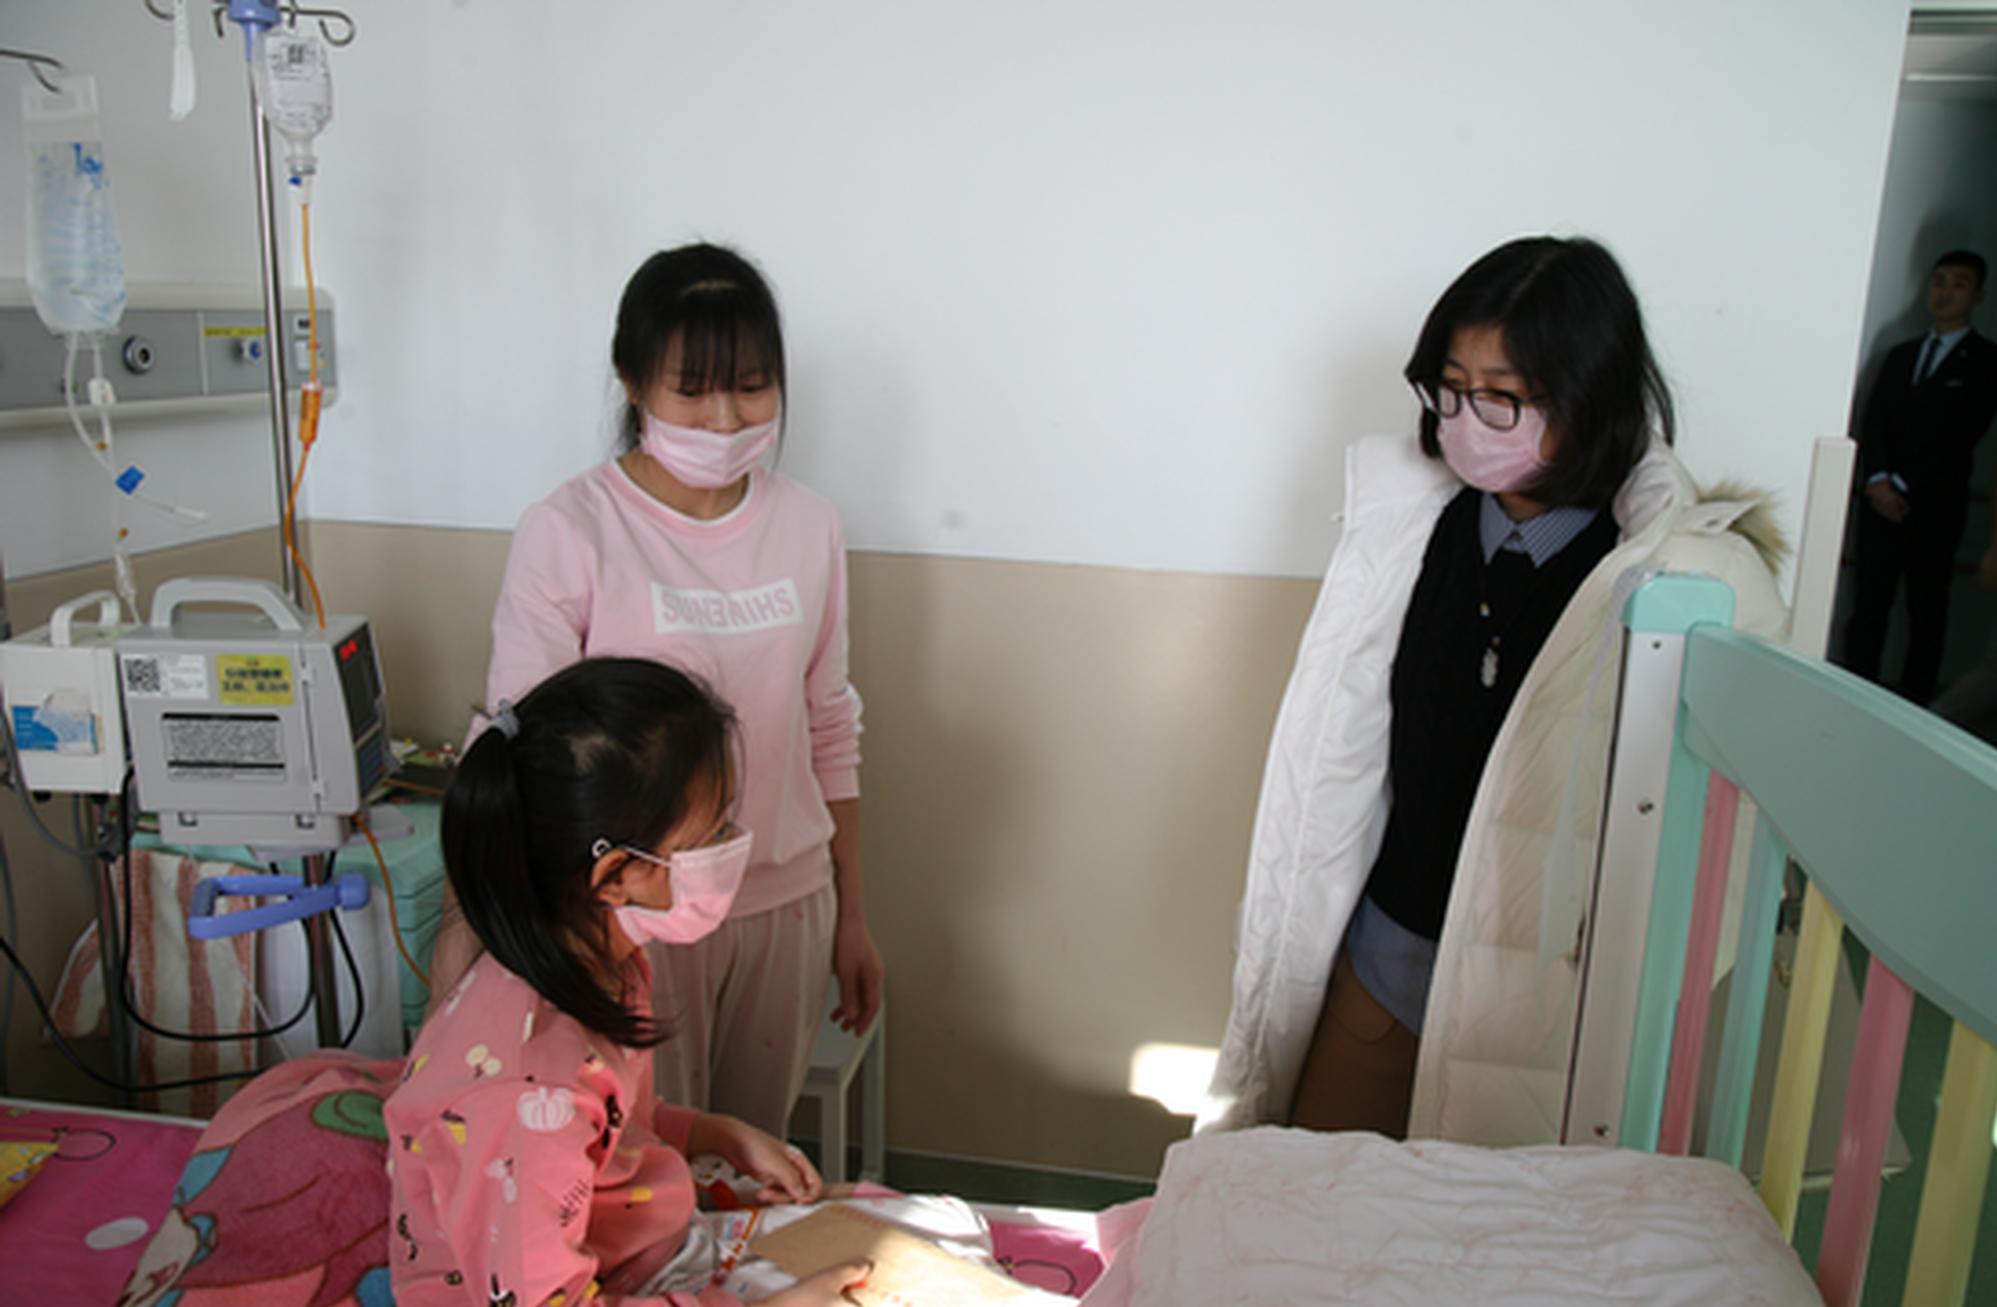 大连市共计66名大病患儿获13.2万元春节慰问金